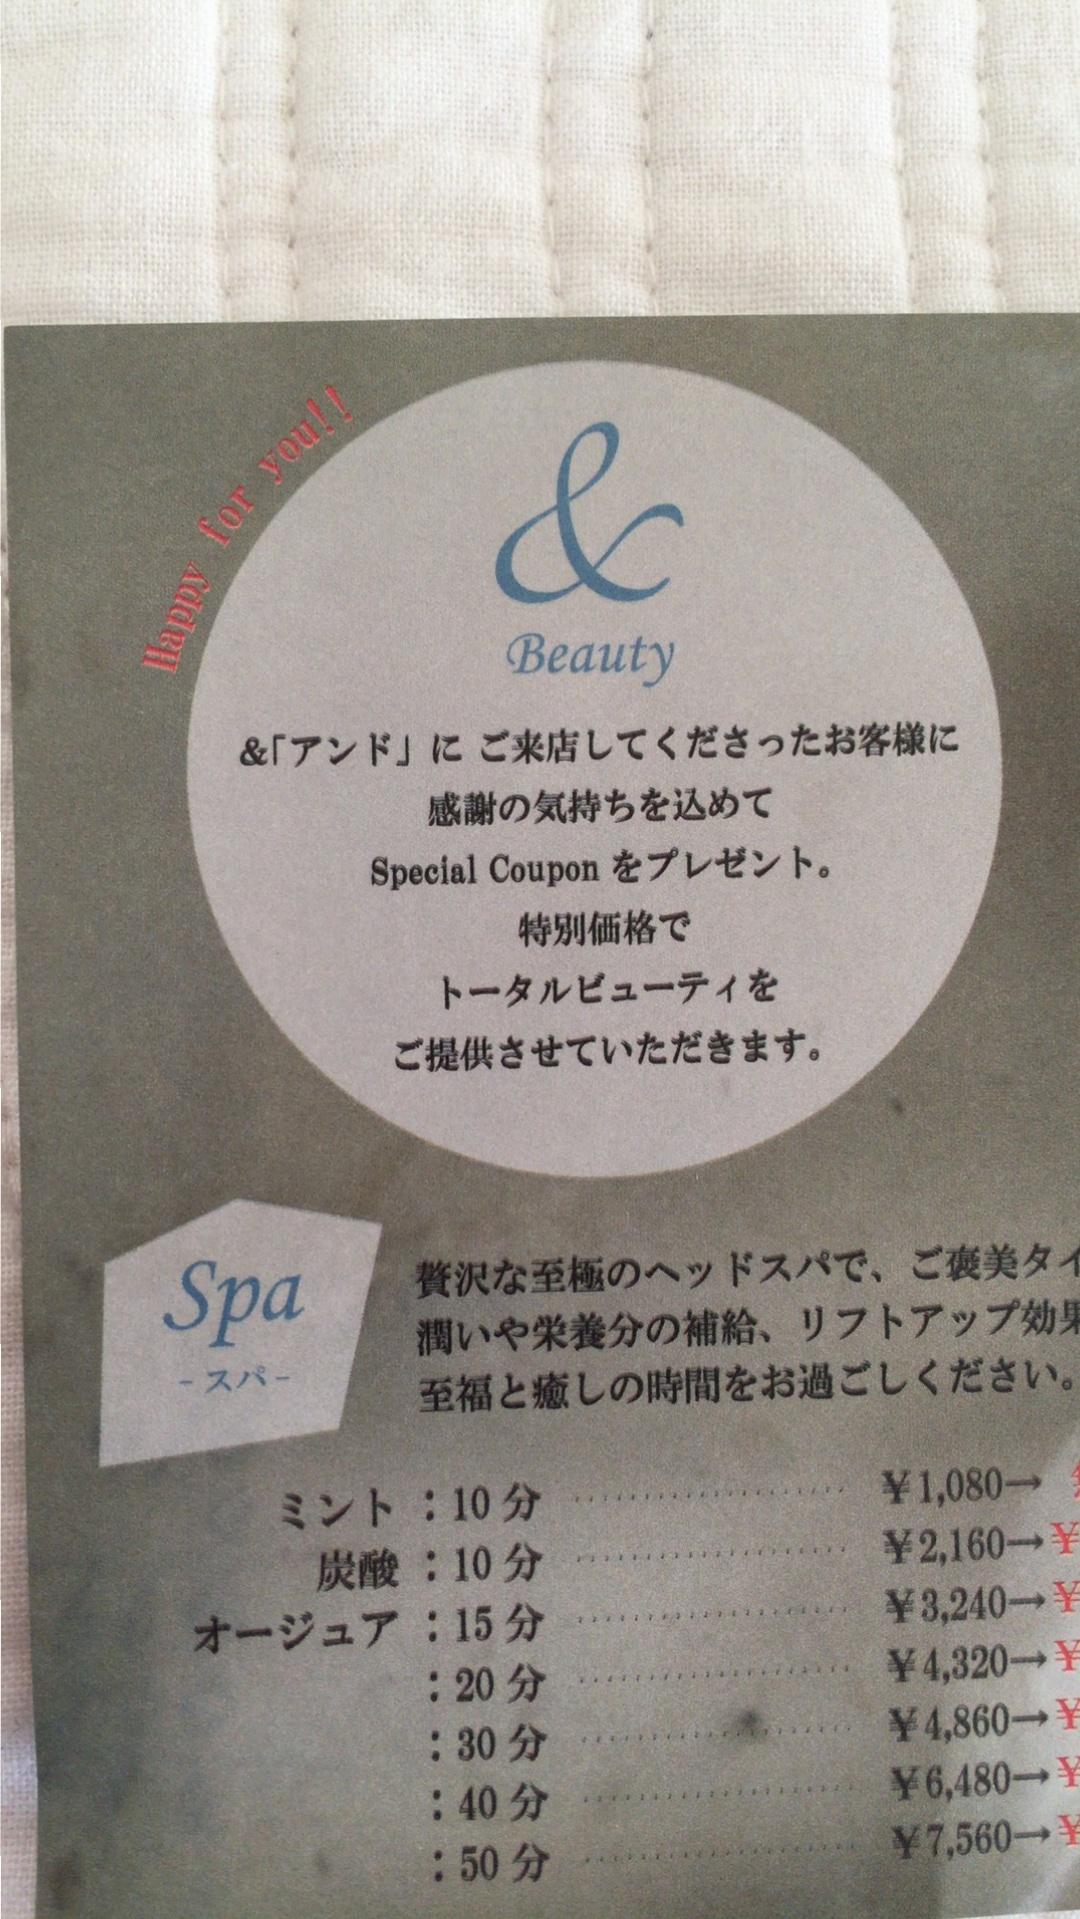 ♡秋ネイル【キレイめ大人シンプルに】♡モアハピ◡̈のぞみ♡_8